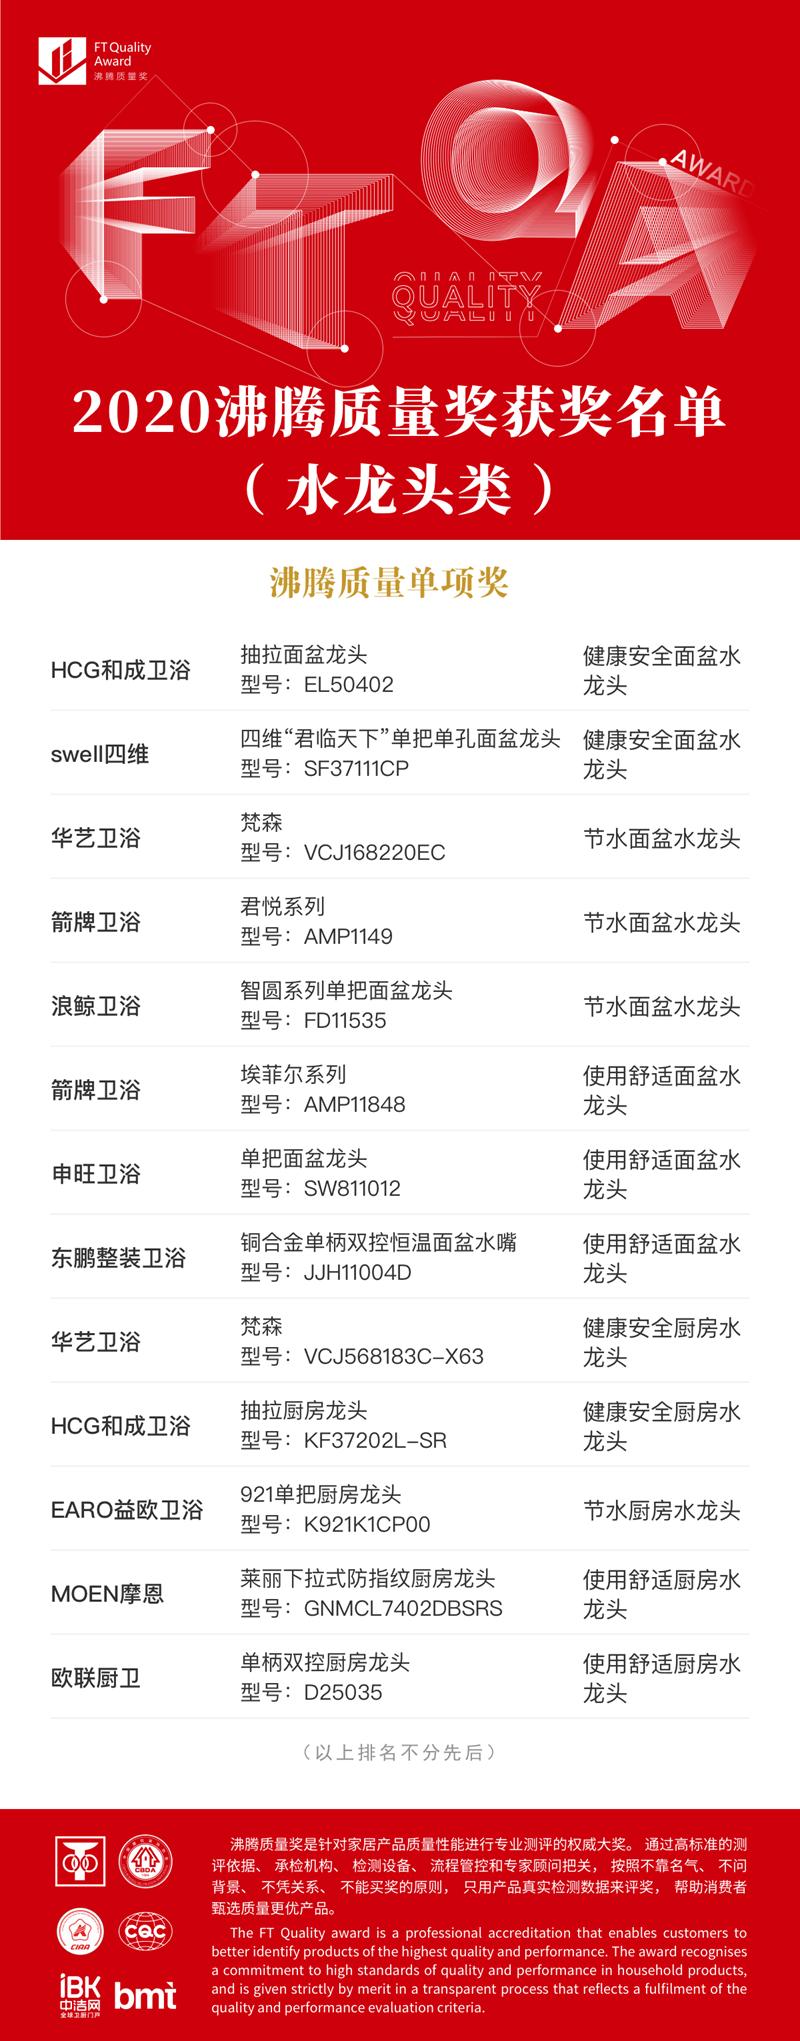 3 沸腾质量奖-水龙头-单项奖_副本 (2).png